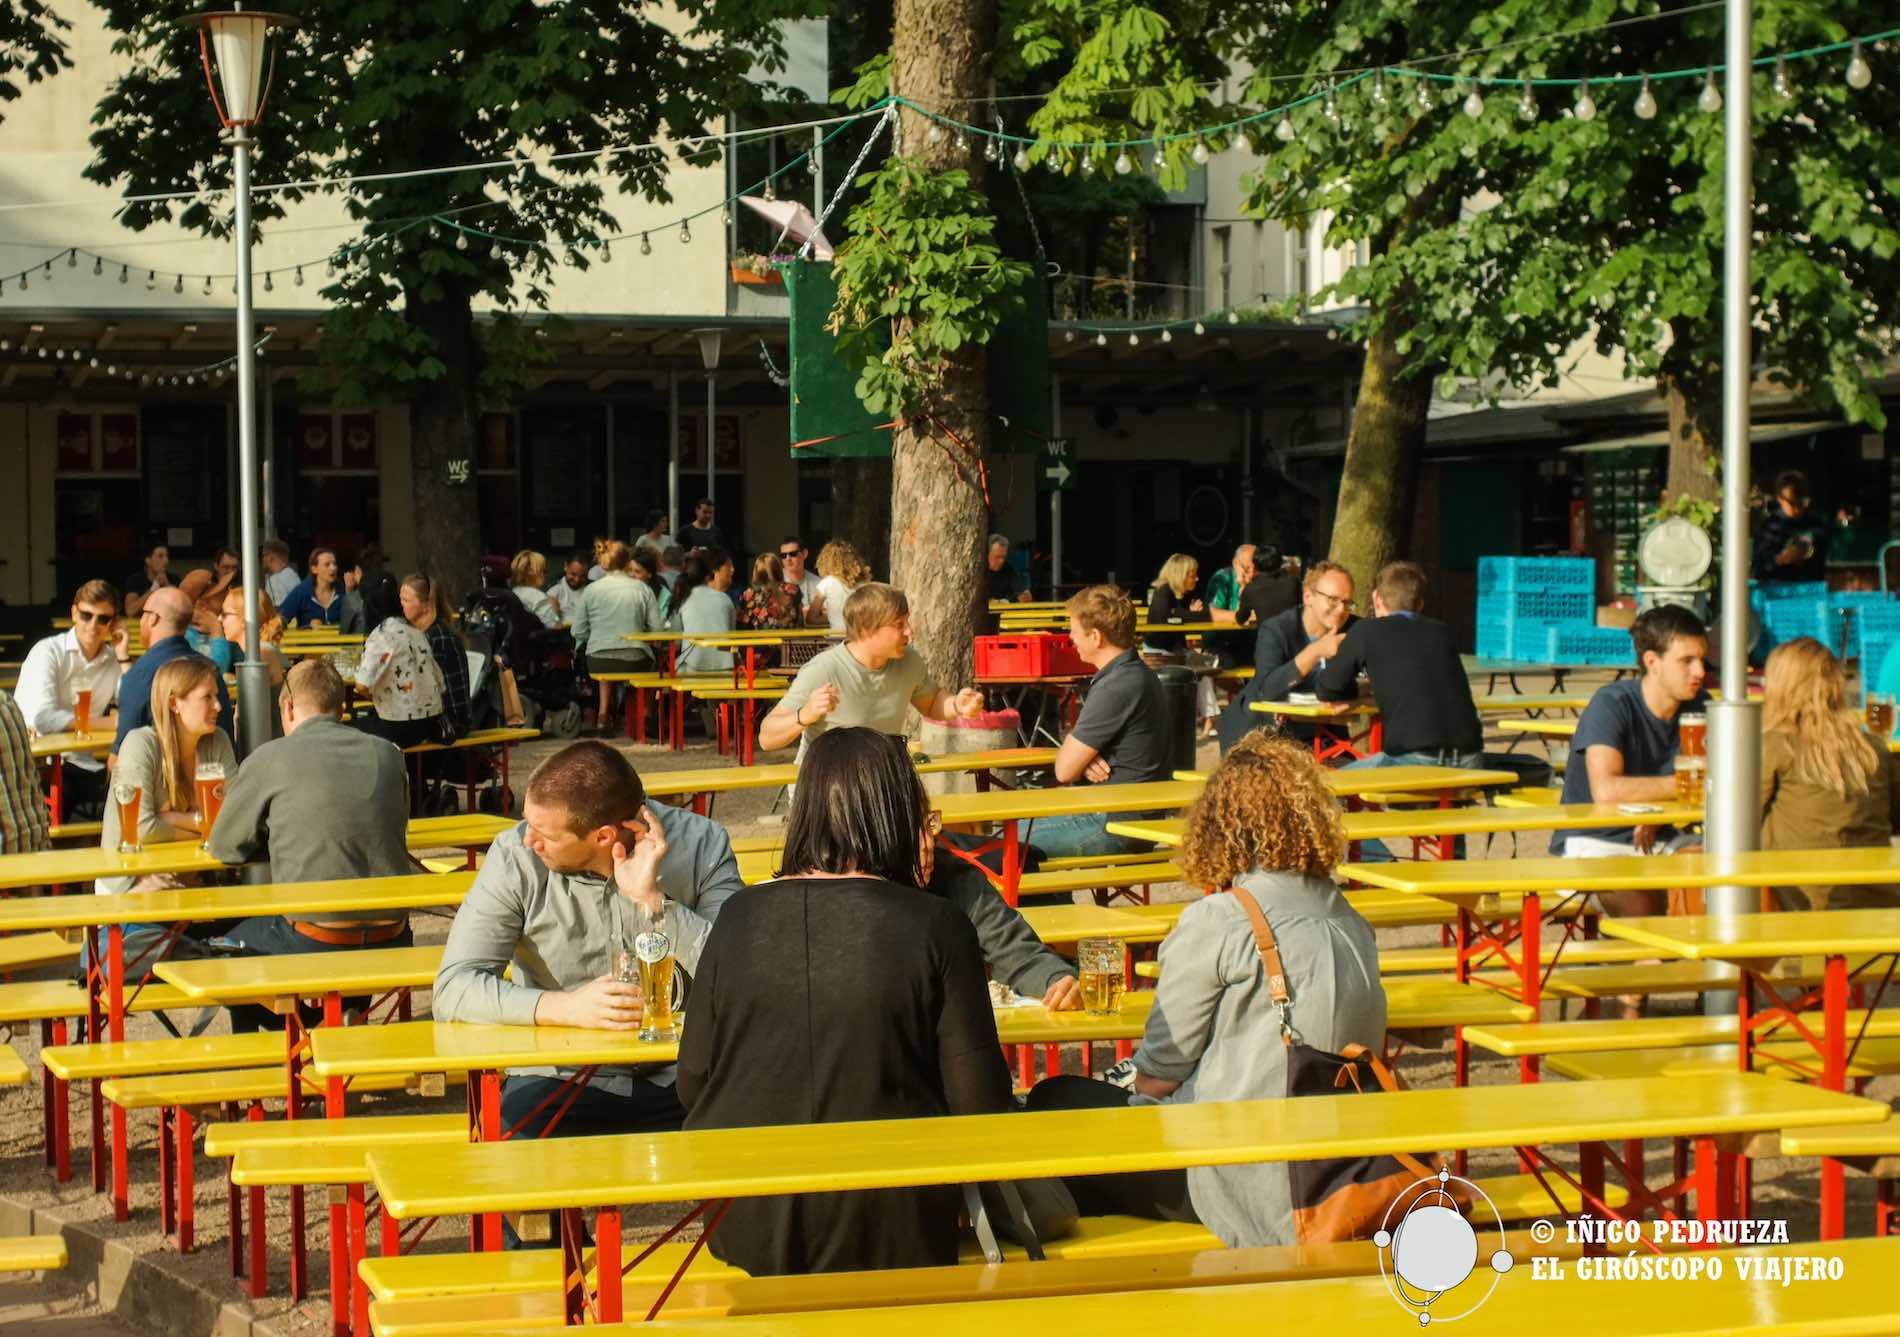 Biergarten Prater, una de las cerveceras más famosas de la ciudad. ©Iñigo Pedrueza.